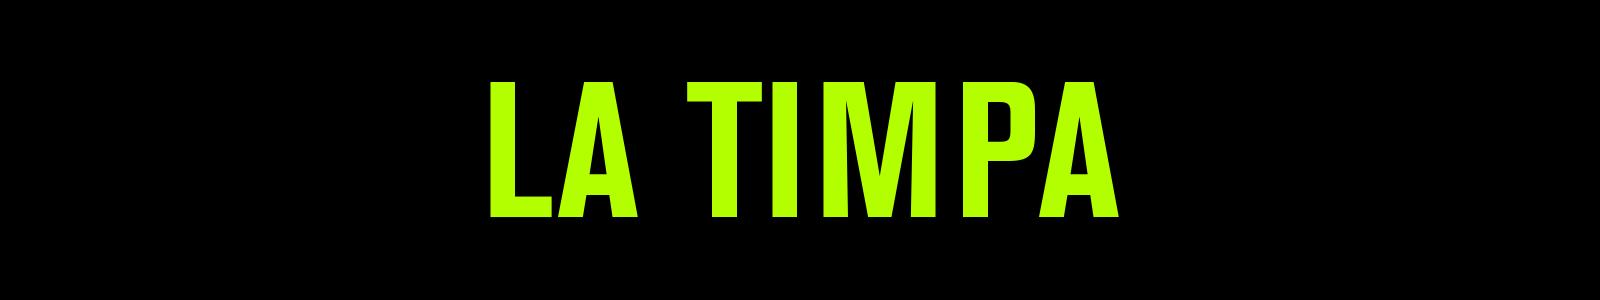 LA Timpa.png